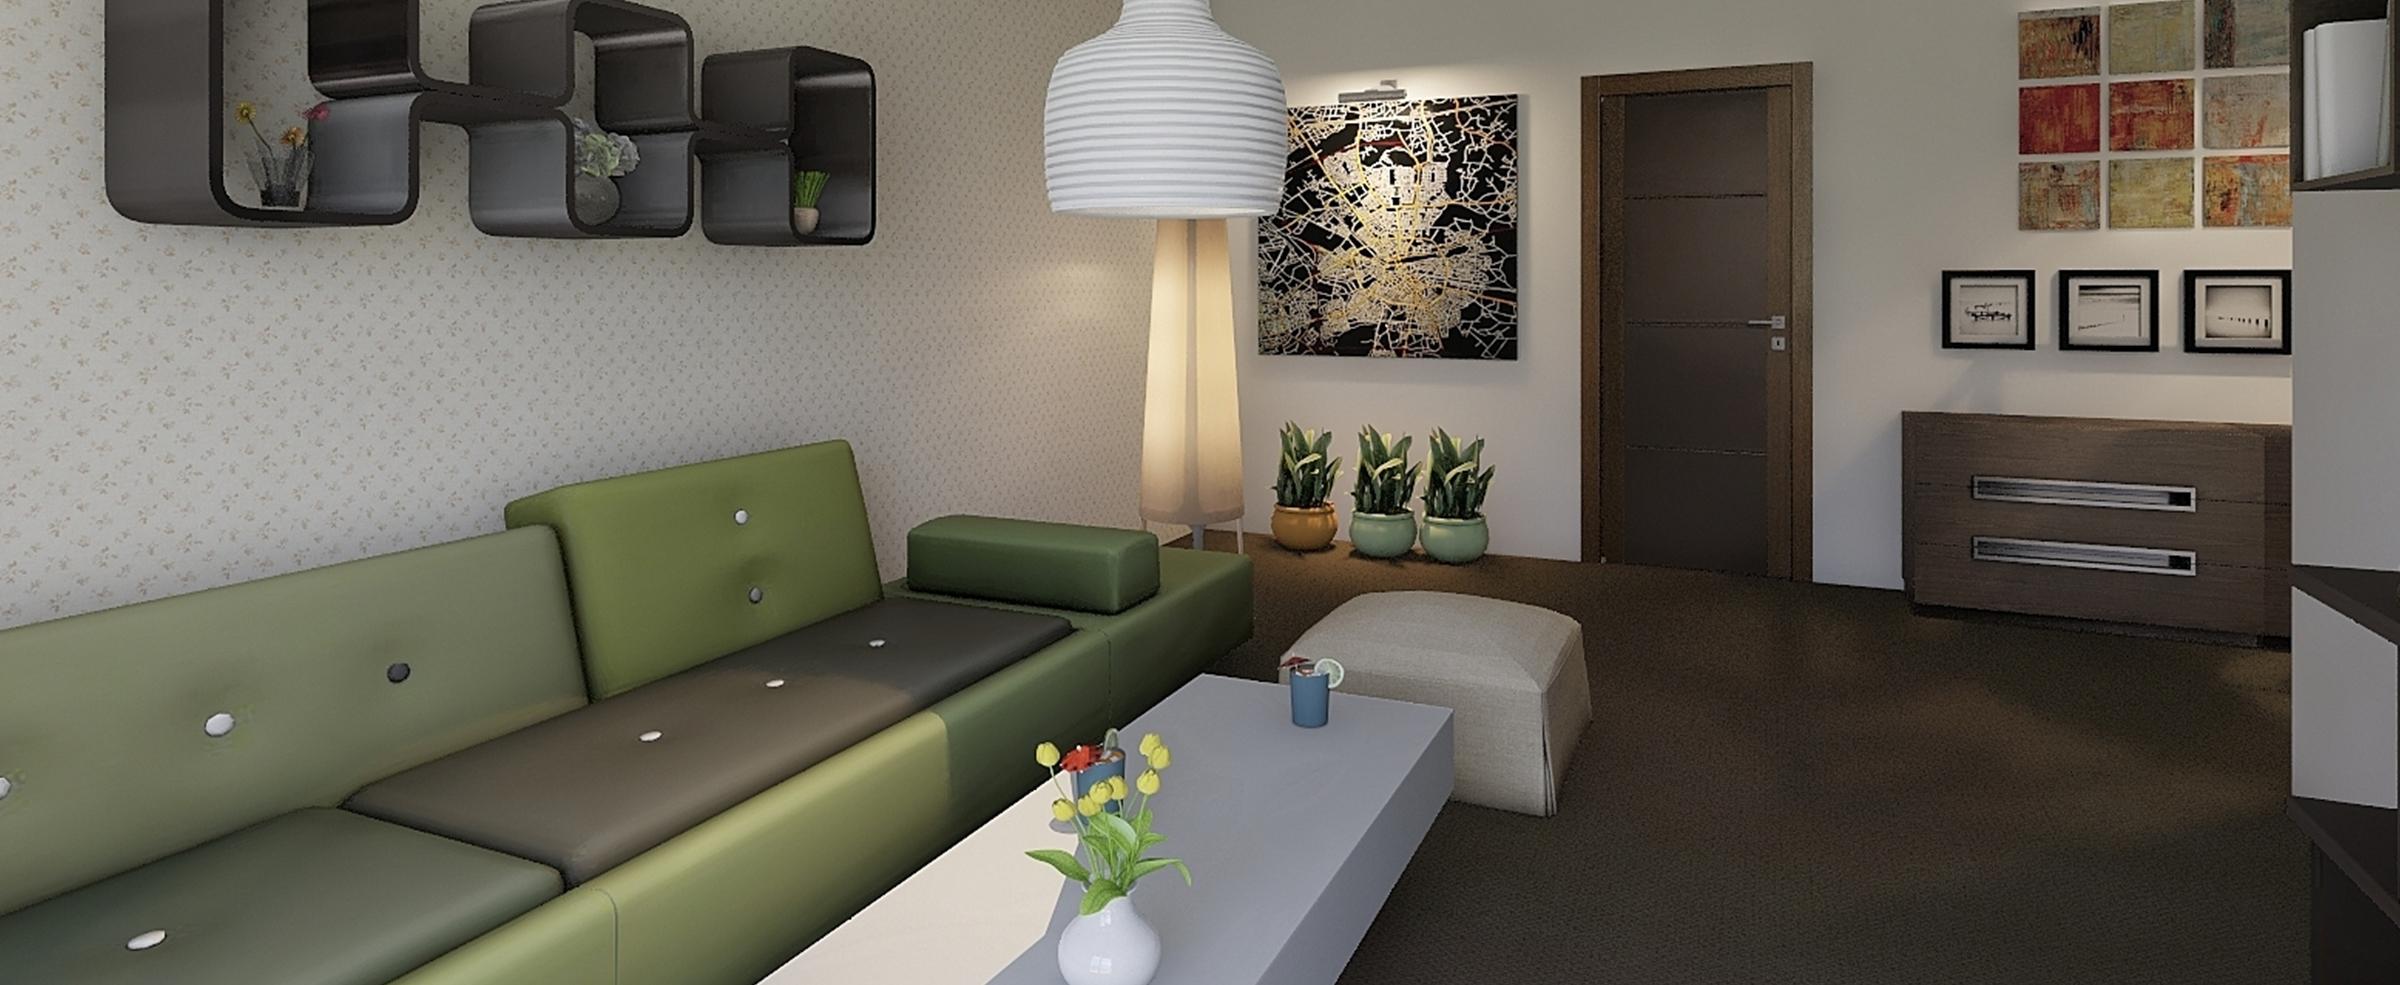 apartament-tip-c-poza-5